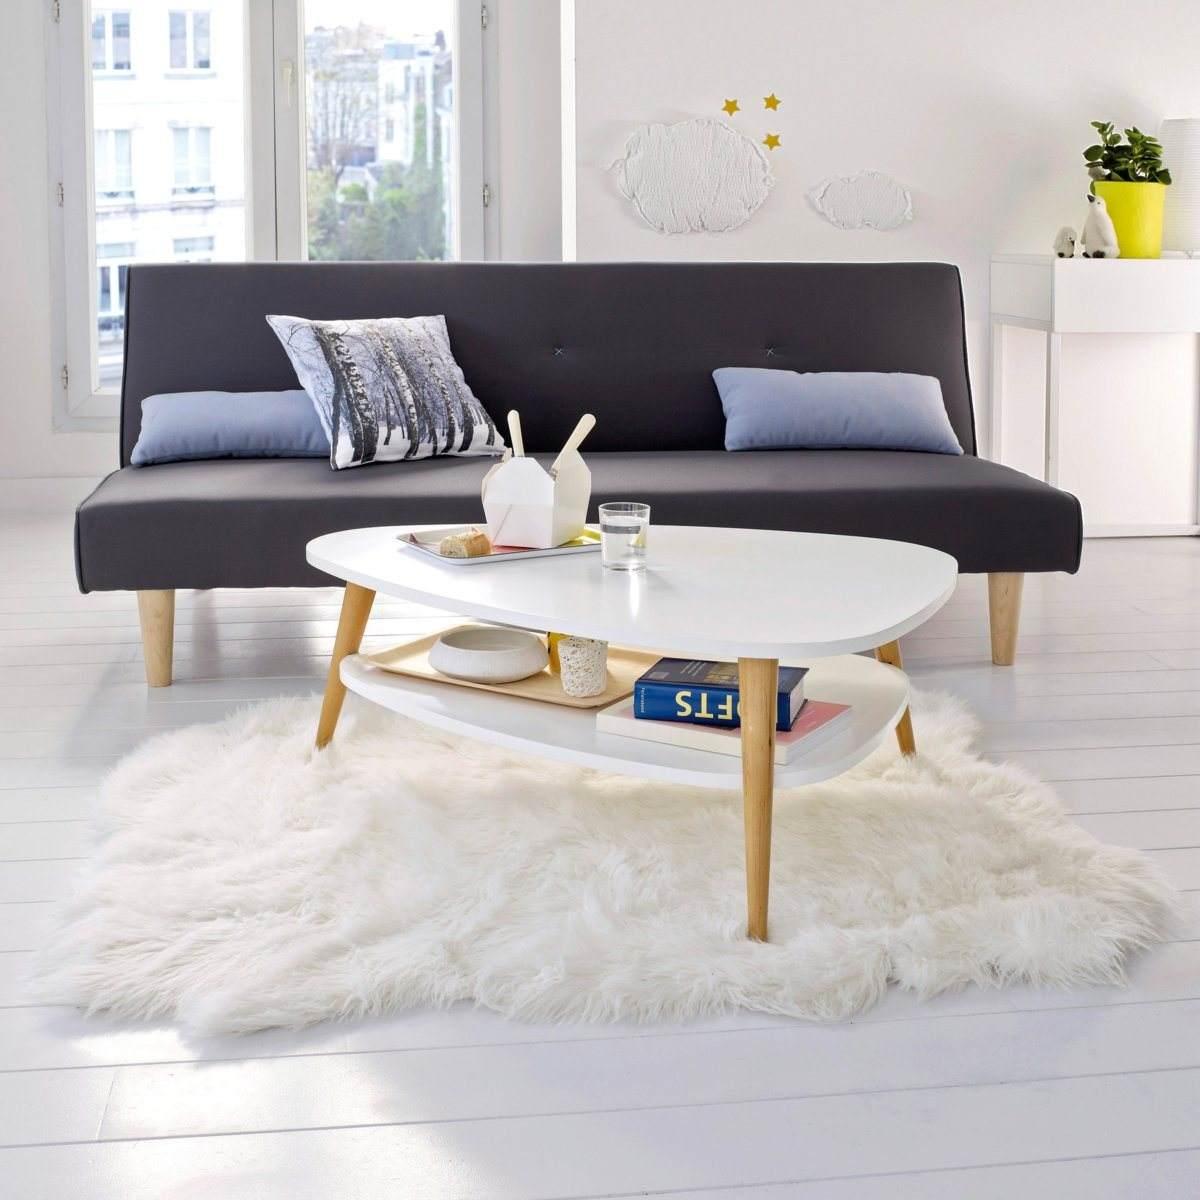 Table basse vintage avec 2 plateaux - Table basse vintage double plateau ...